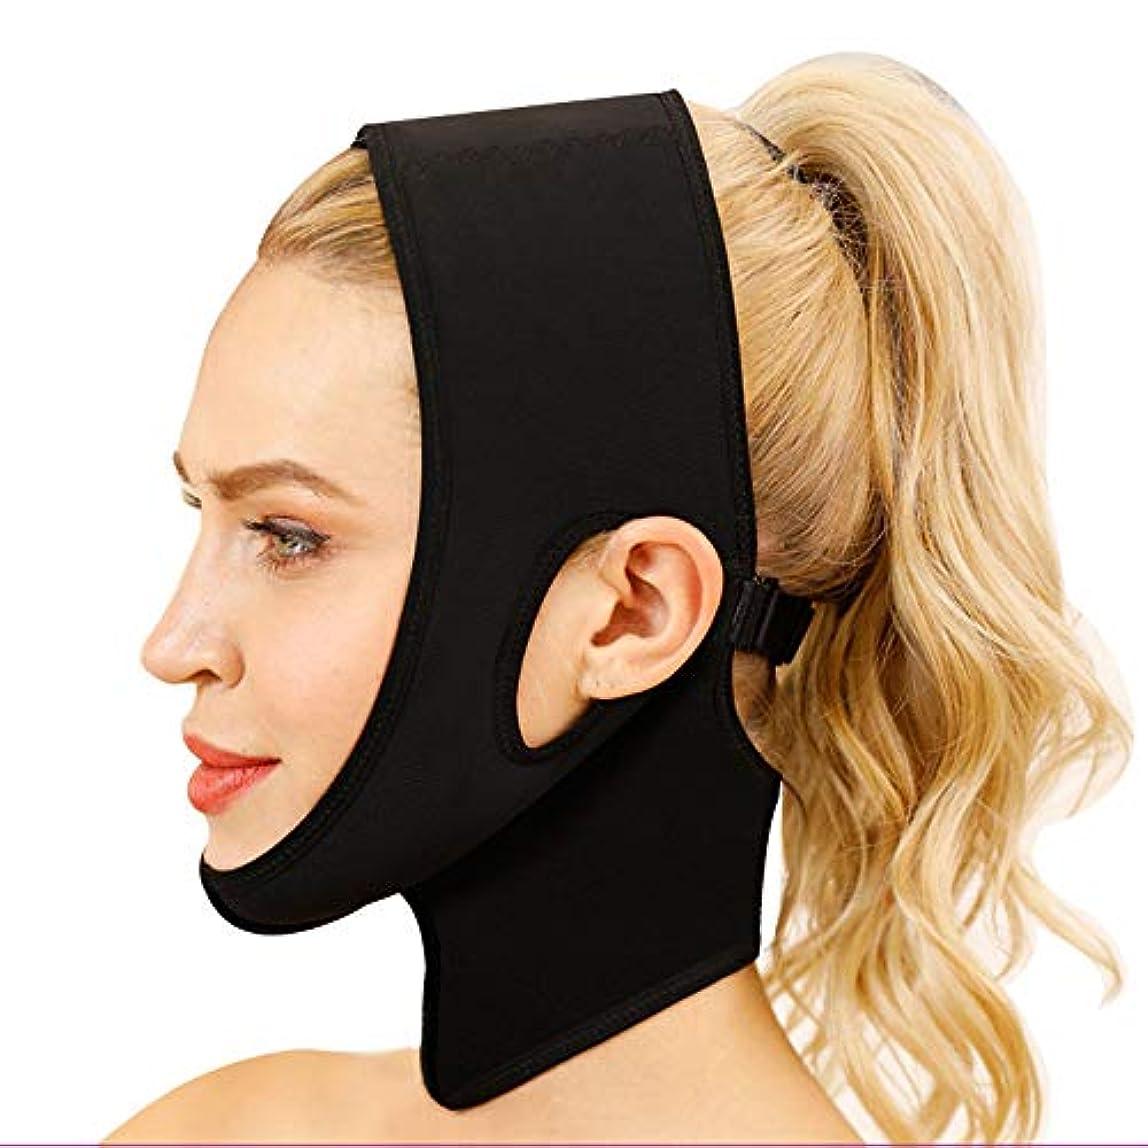 はずマディソン規制フェイスリフティングアーティファクト包帯、Vフェイスダブルチンリフティングフェイス引き締めストレッチ弾性成形ライン彫刻マスク(ブラック)